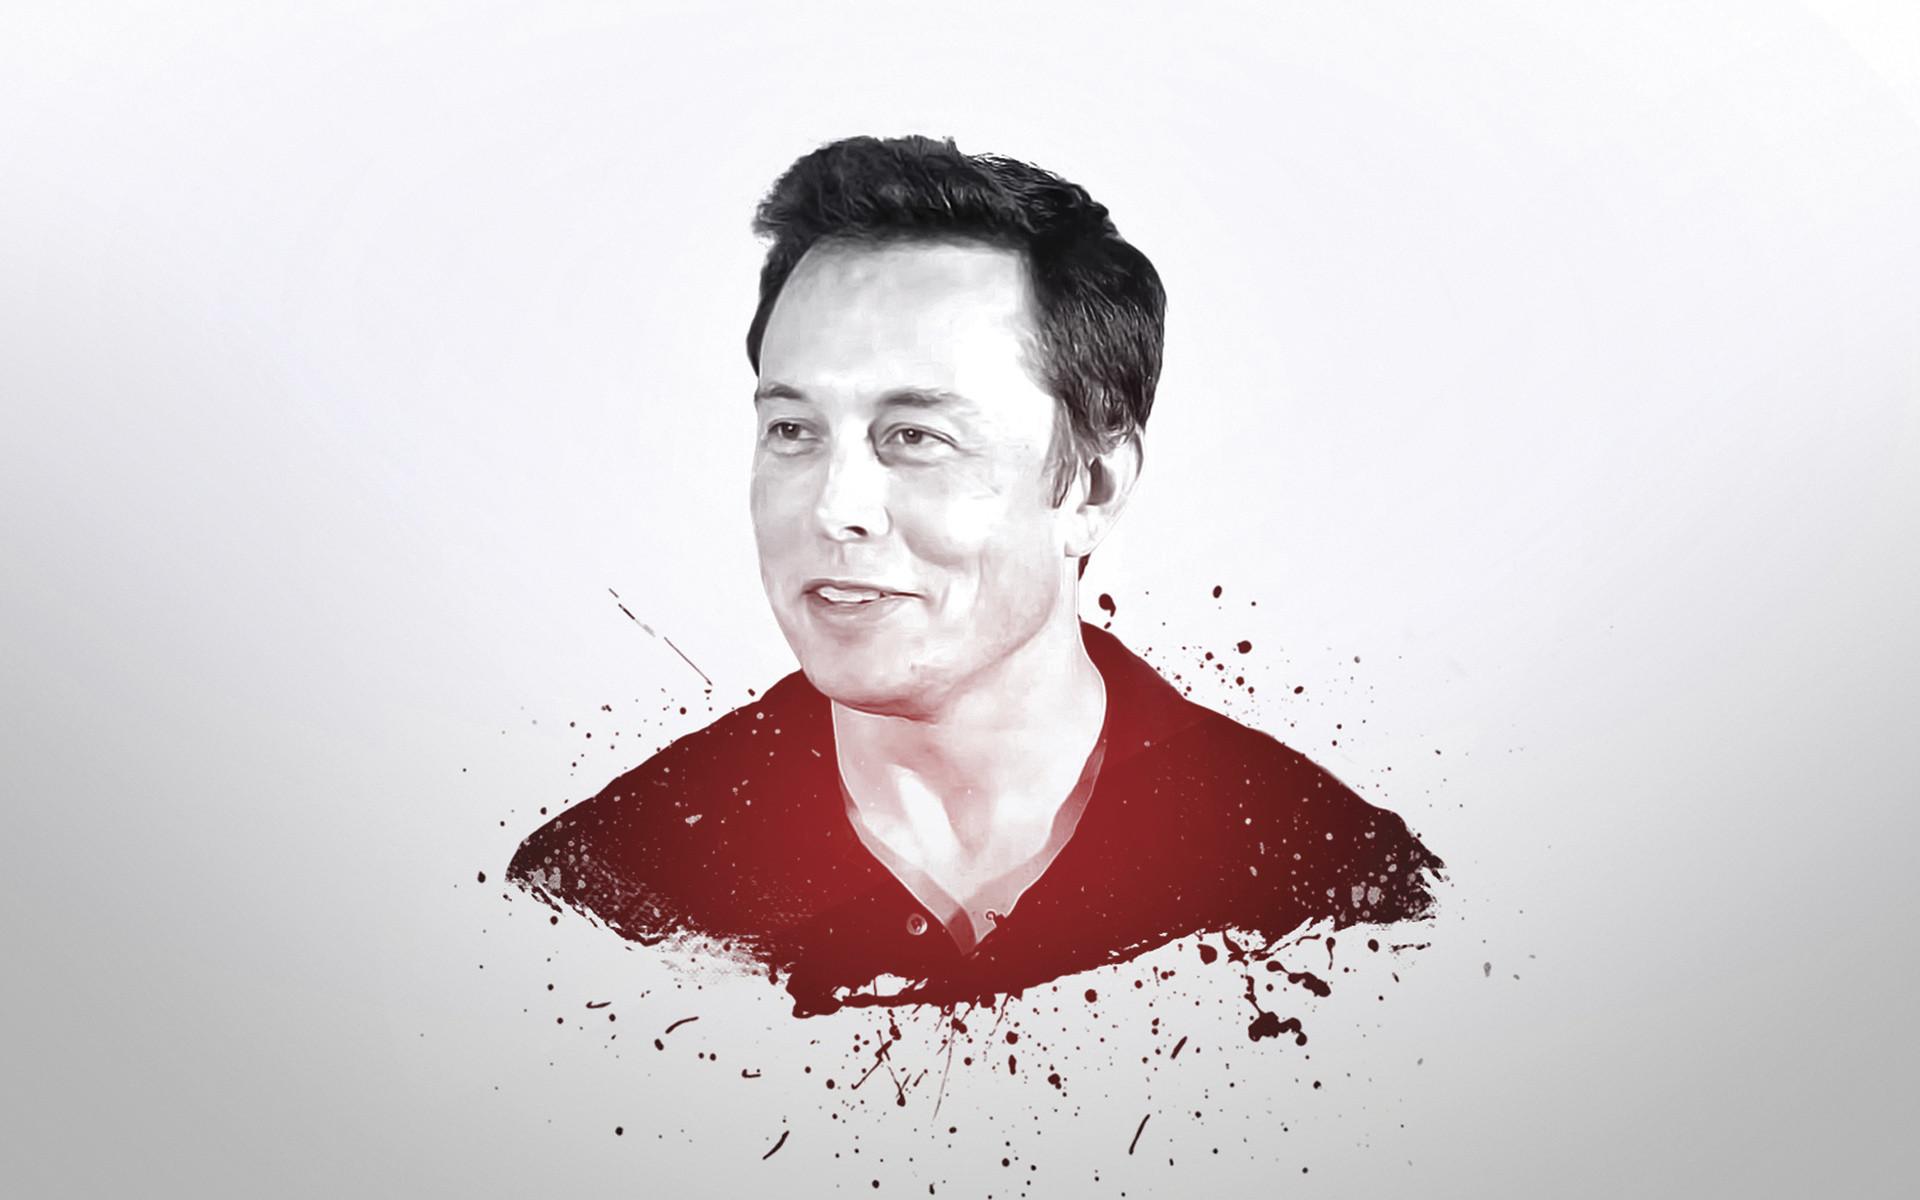 Elon Musk Wallpaper 82 Images